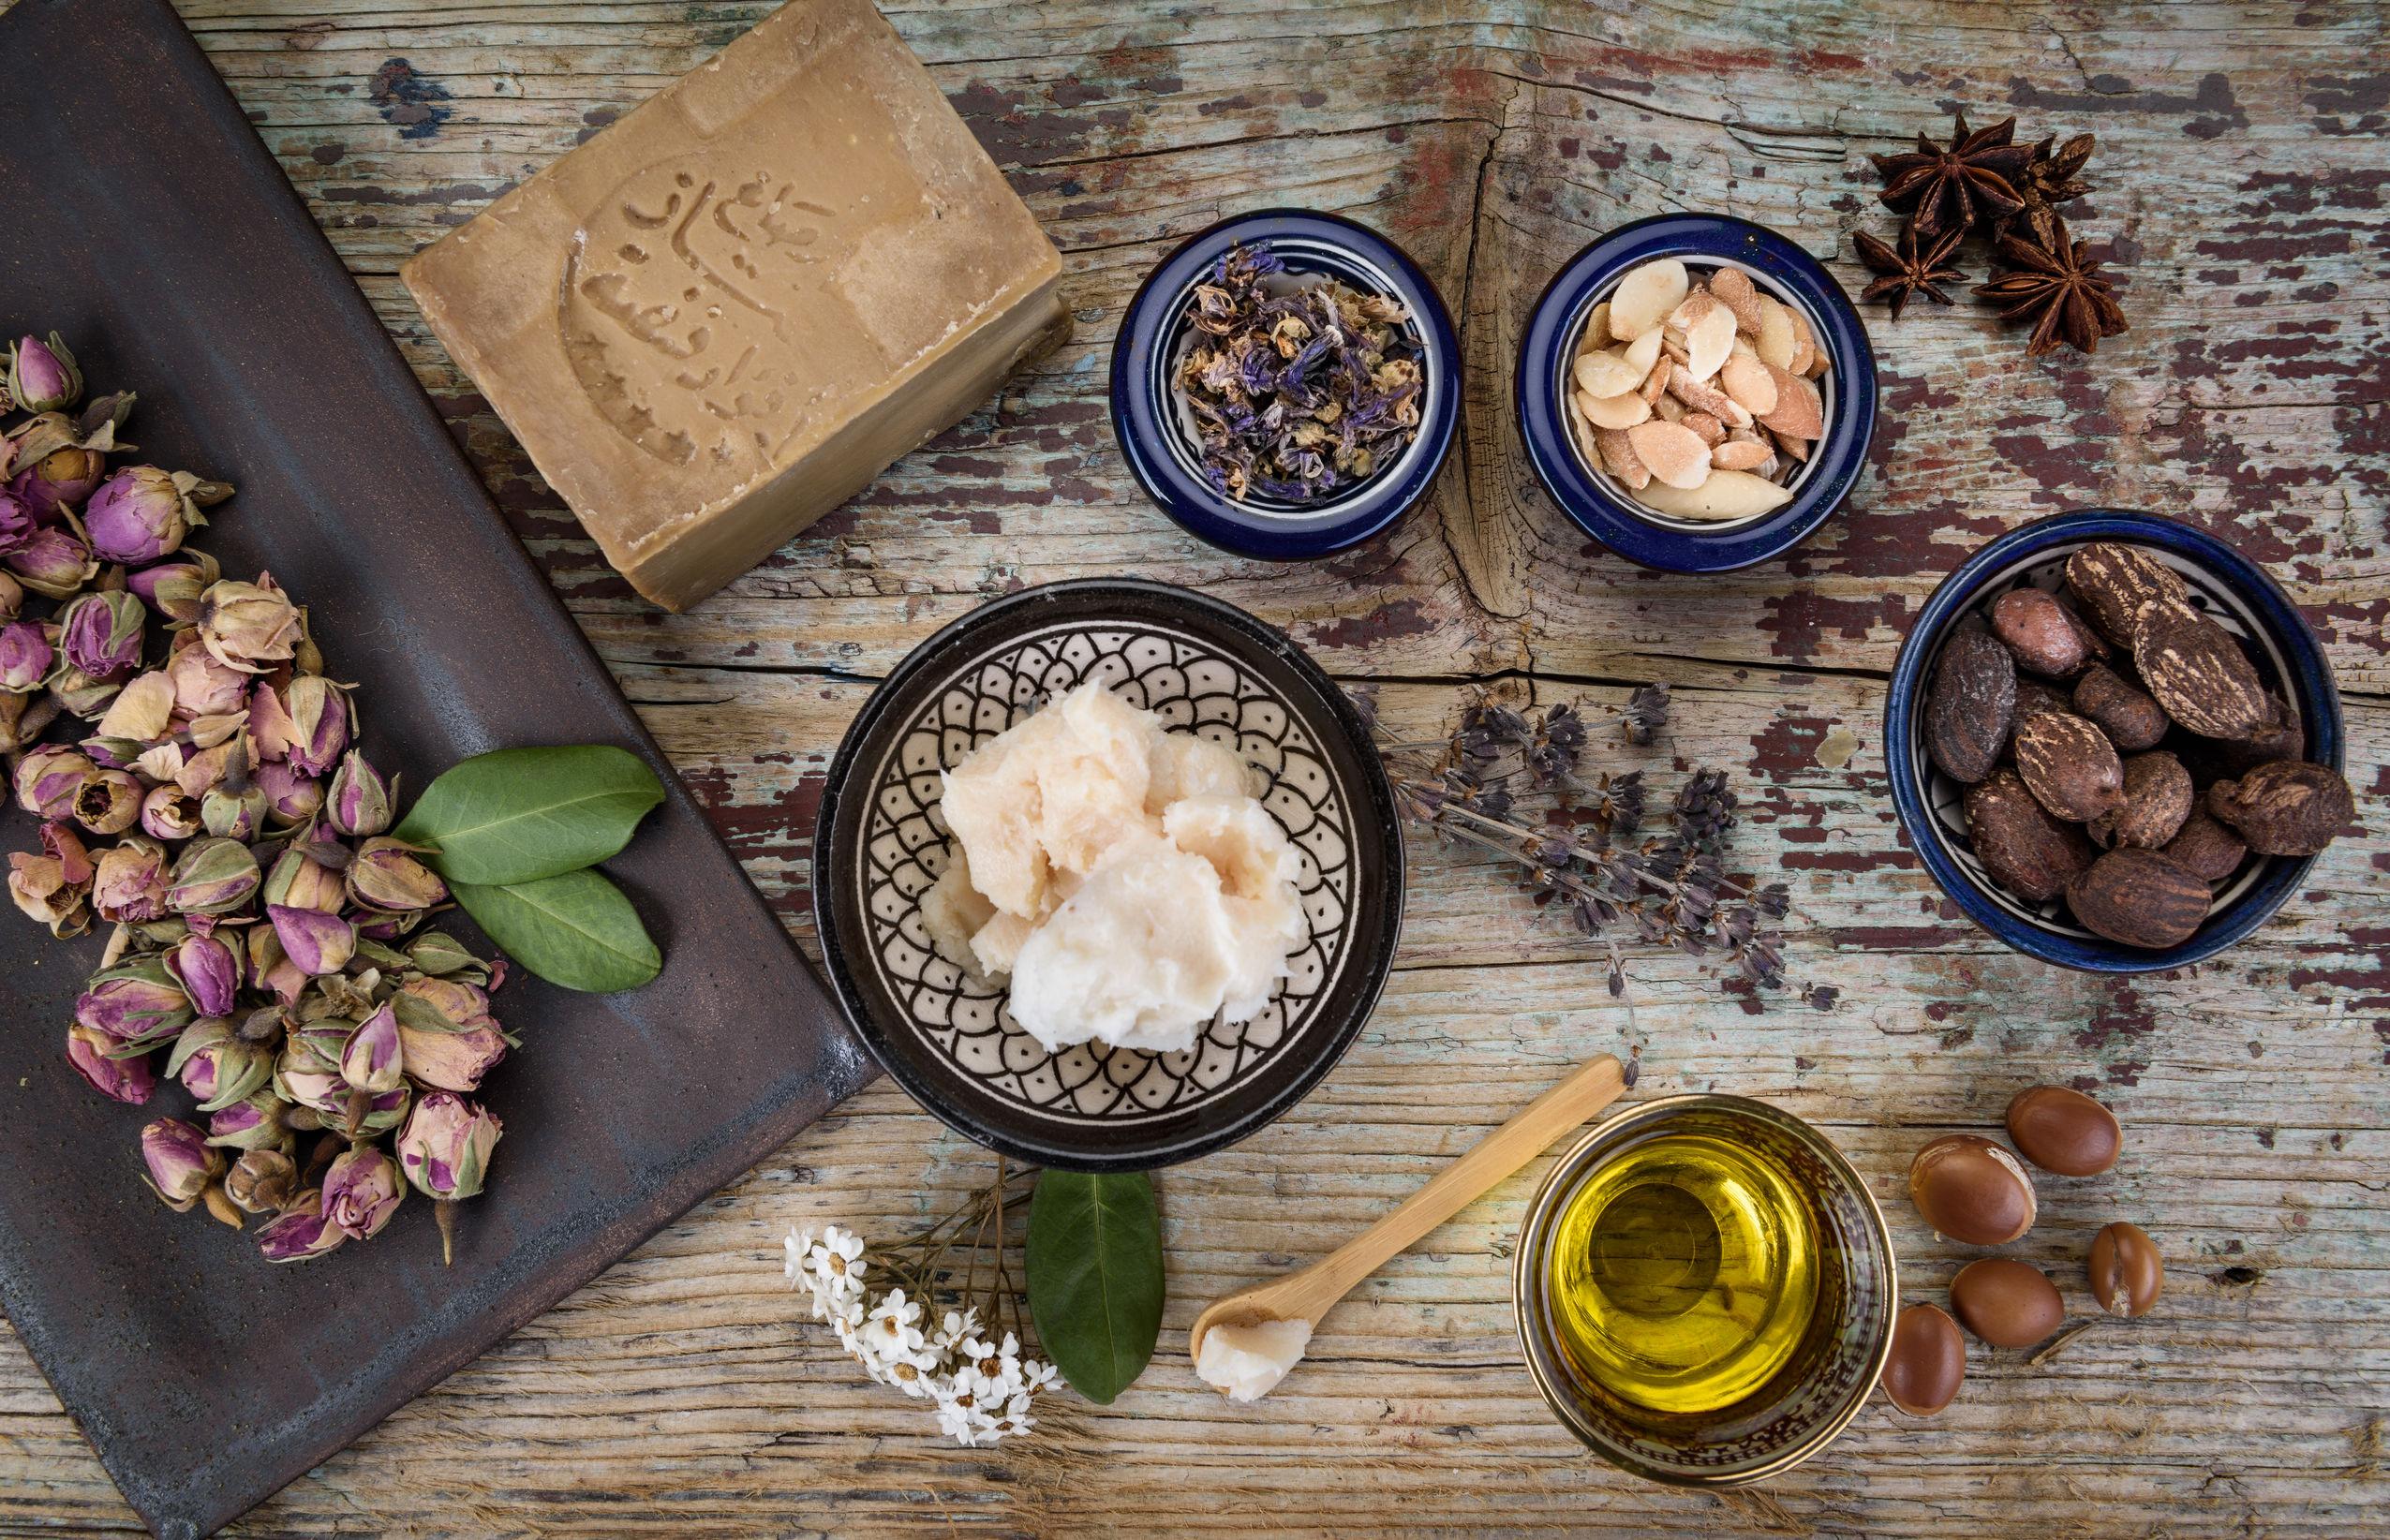 Mezcla de hierbas, flores, nueces de argán y aceite, nueces de karité y mantequilla